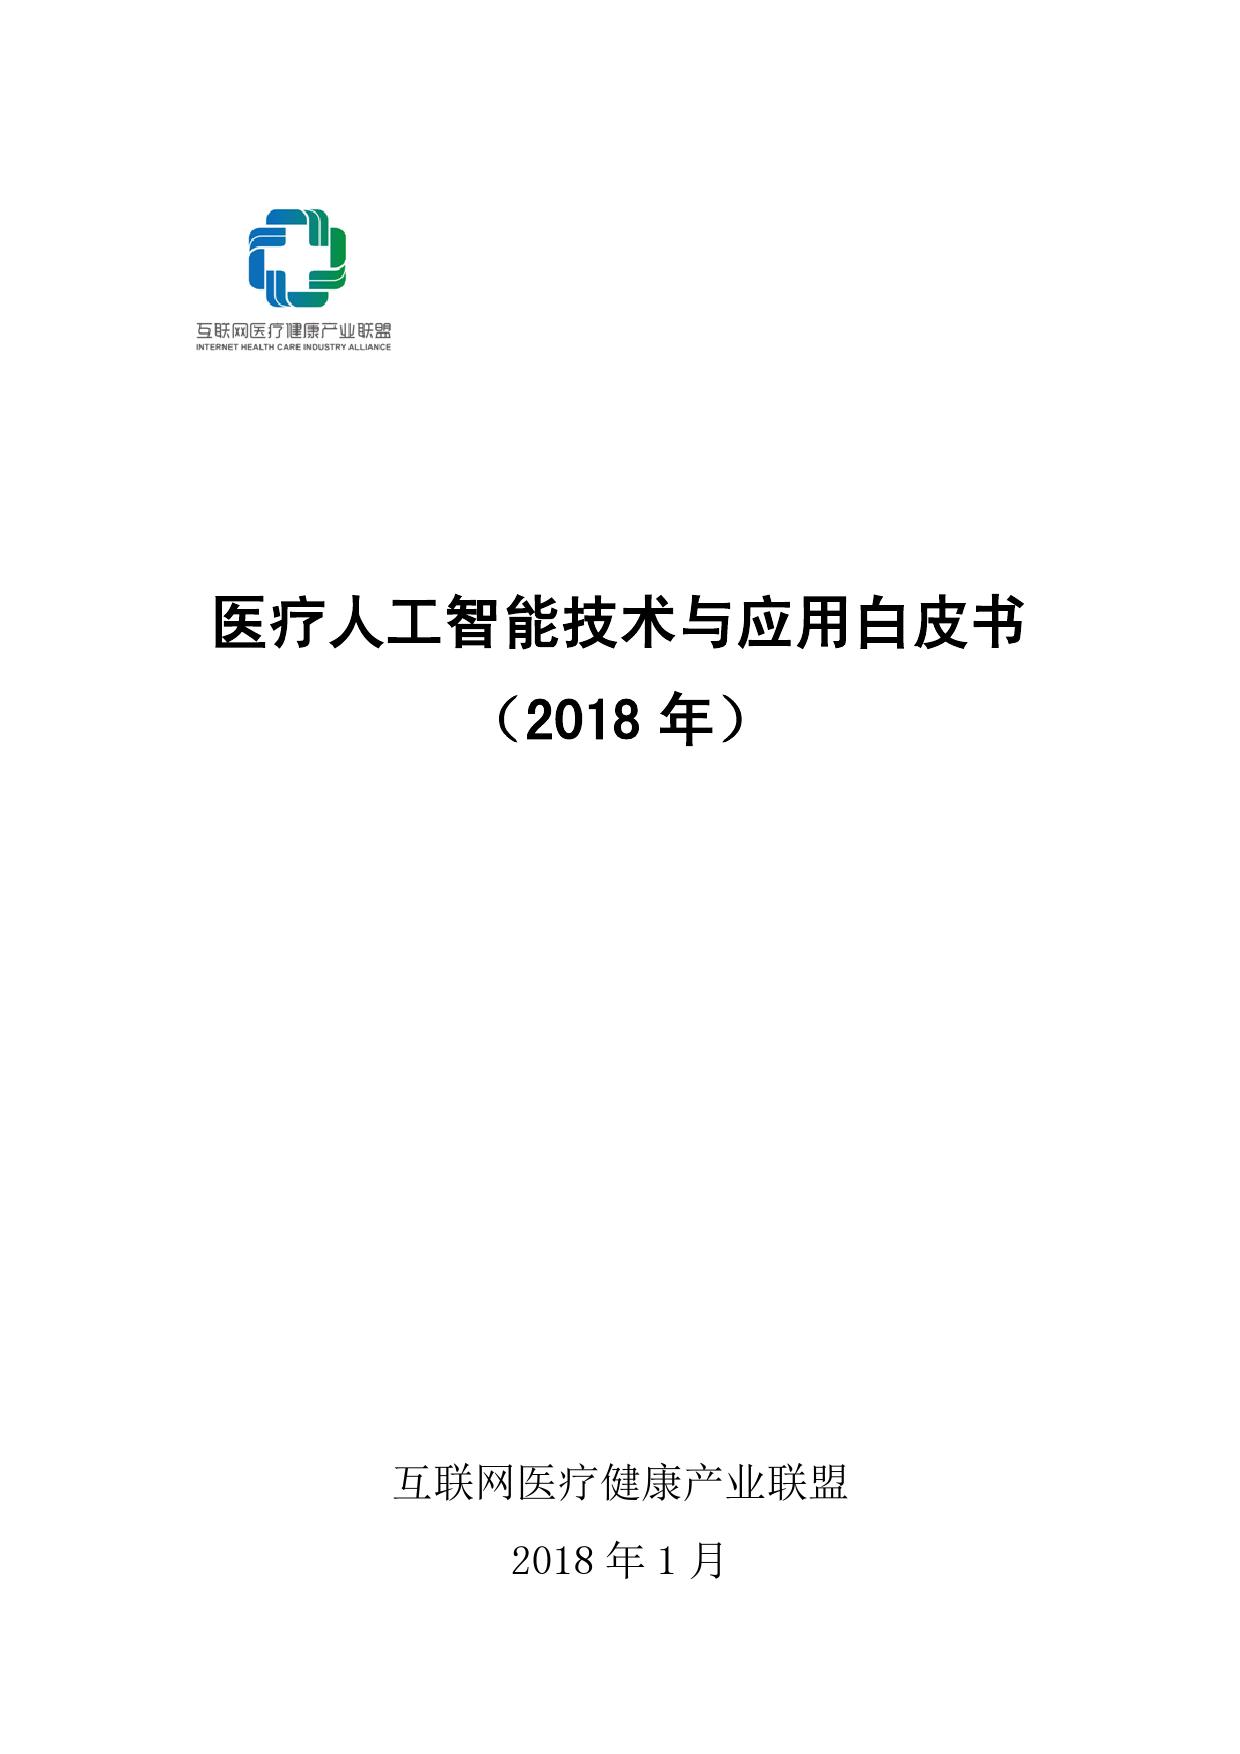 互联网医疗健康产业联盟:2018年医疗人工智能技术与应用白皮书(附下载)